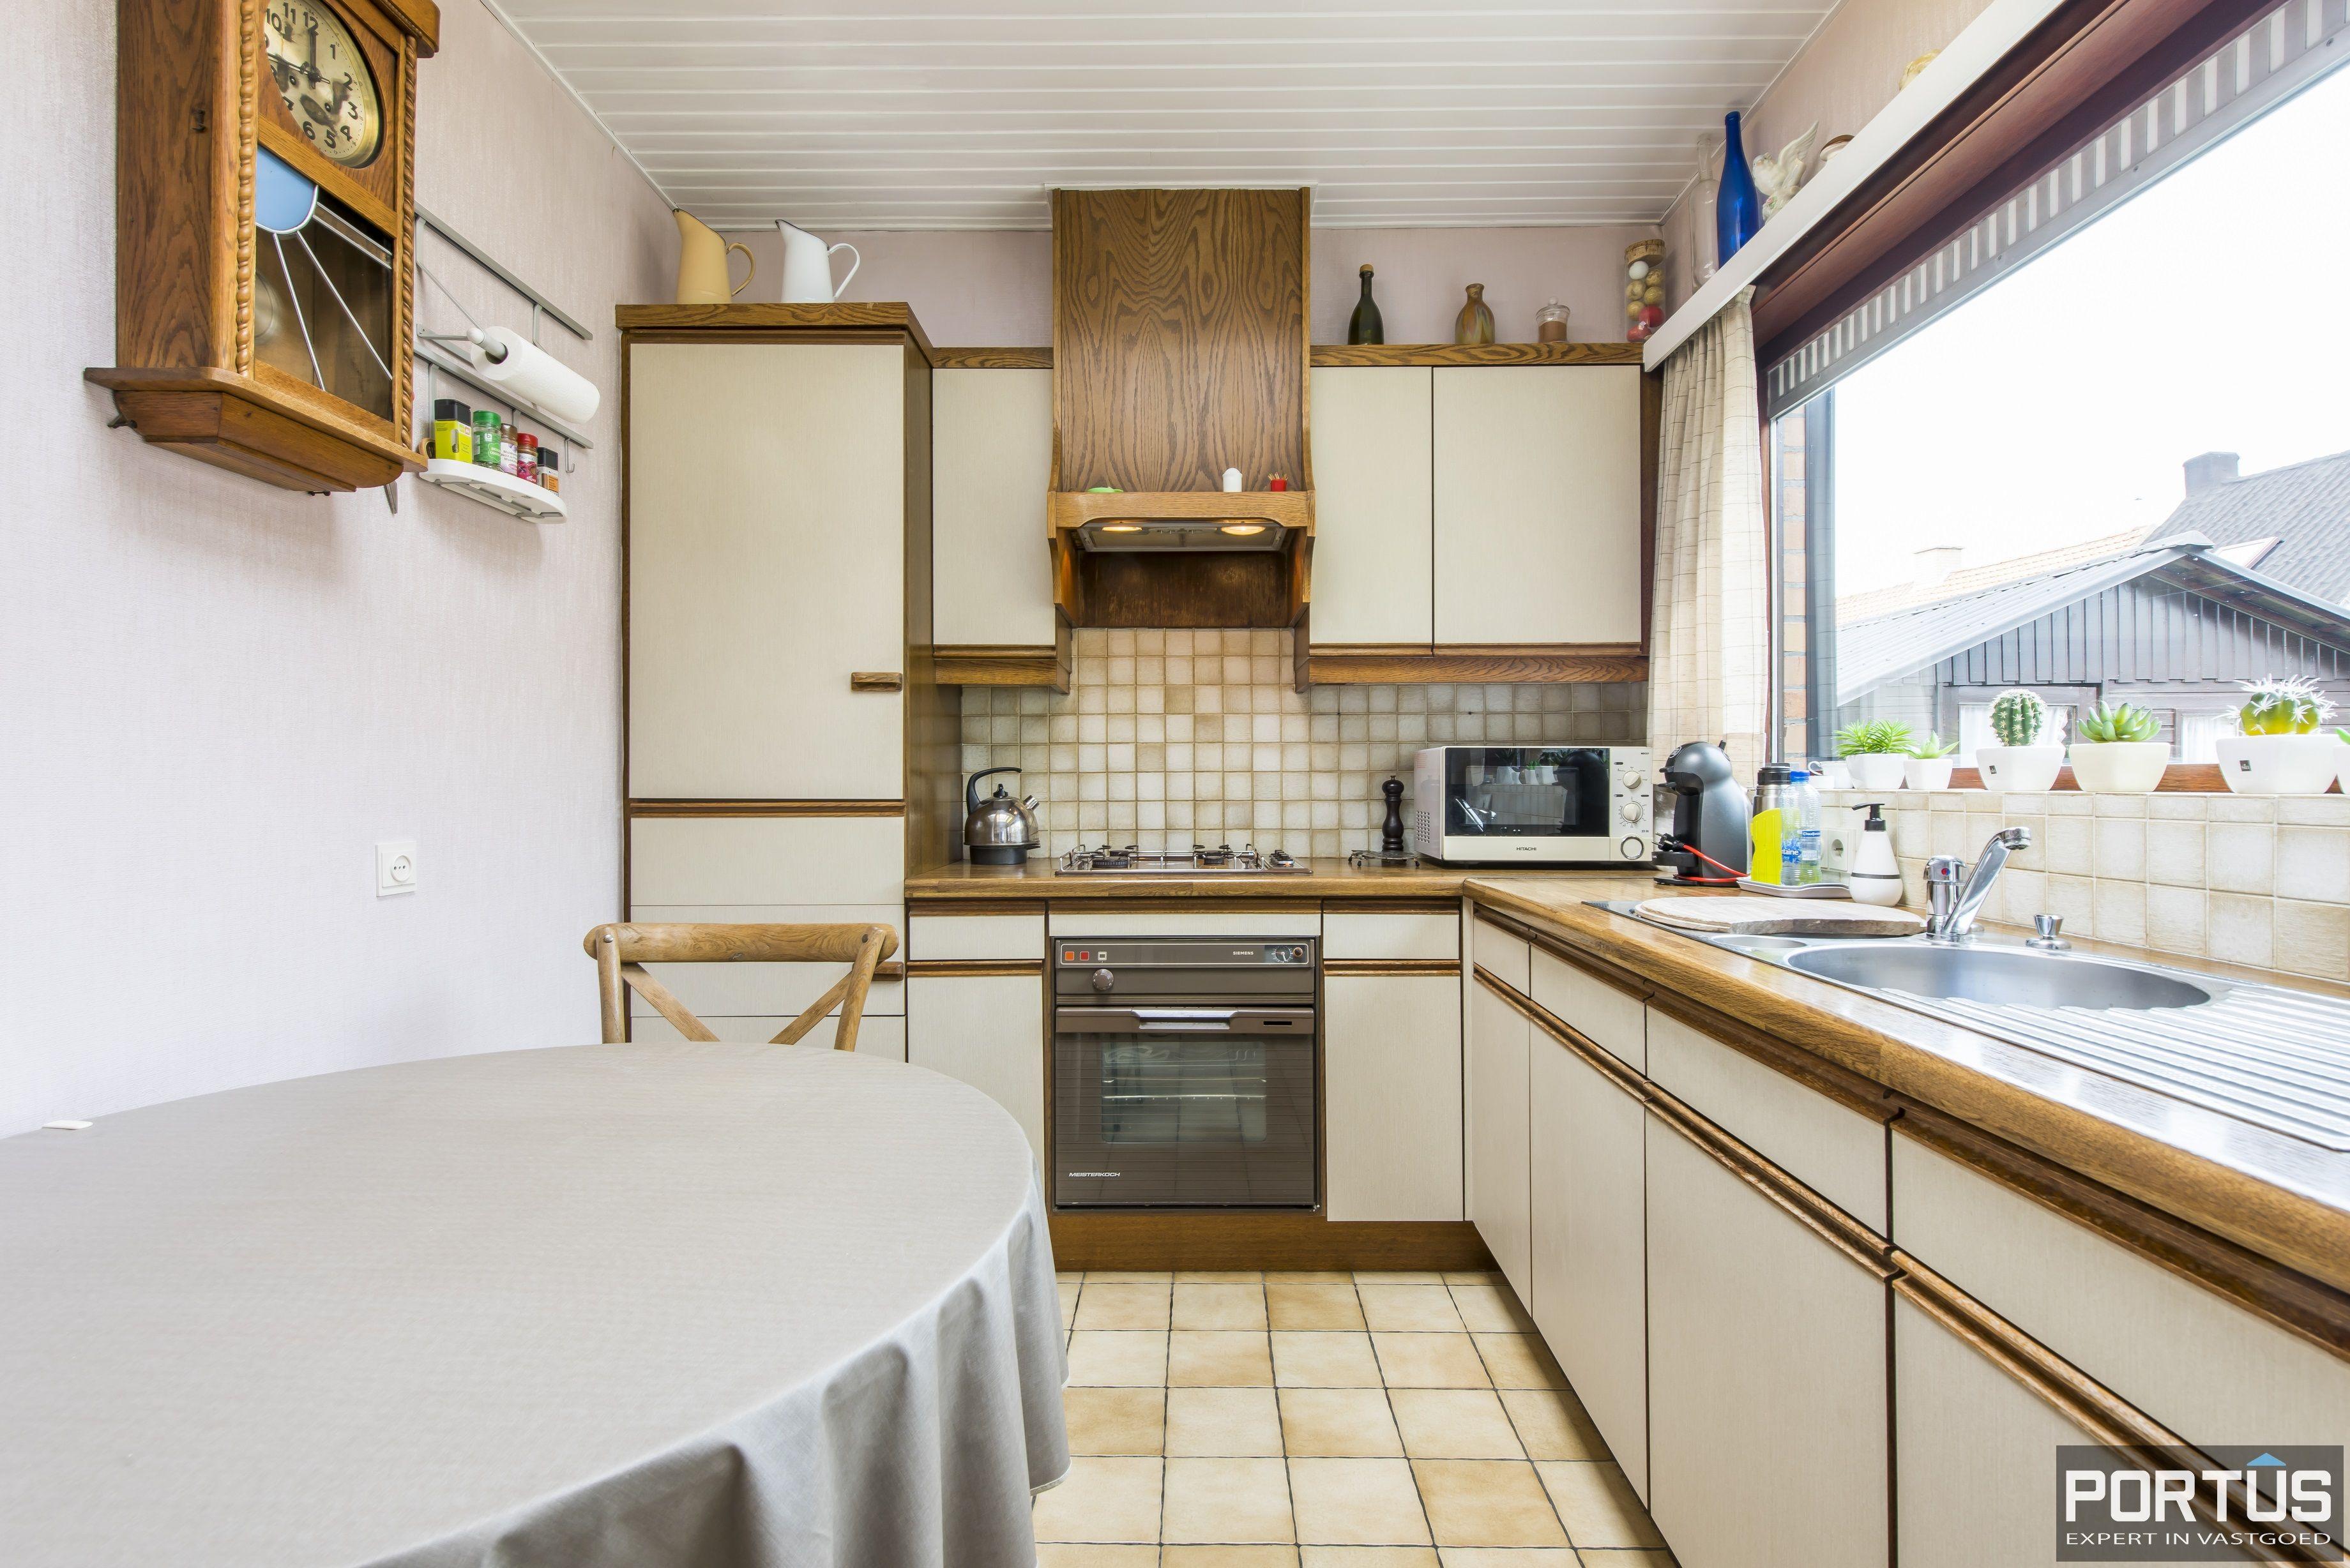 Woning te koop te Lombardsijde met 3 slaapkamers - 9601